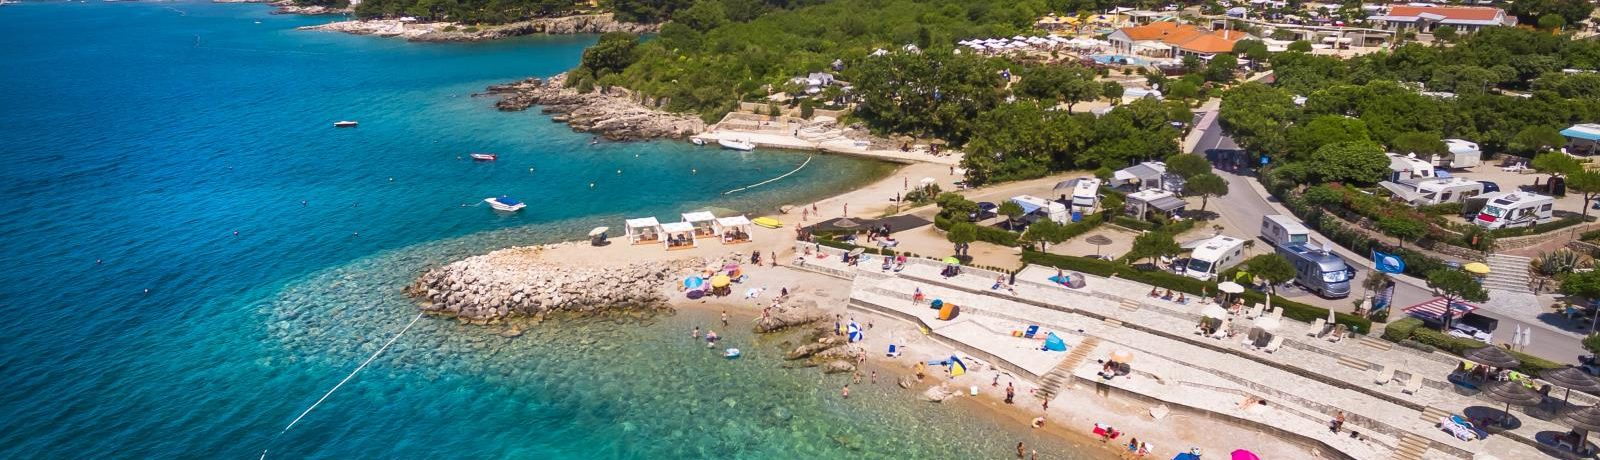 Camping Krk is een 5-sterrencamping met zwembad gelegen in het mediterrane landschap van het eiland Krk in de Kvarner Baai van Kroatië.